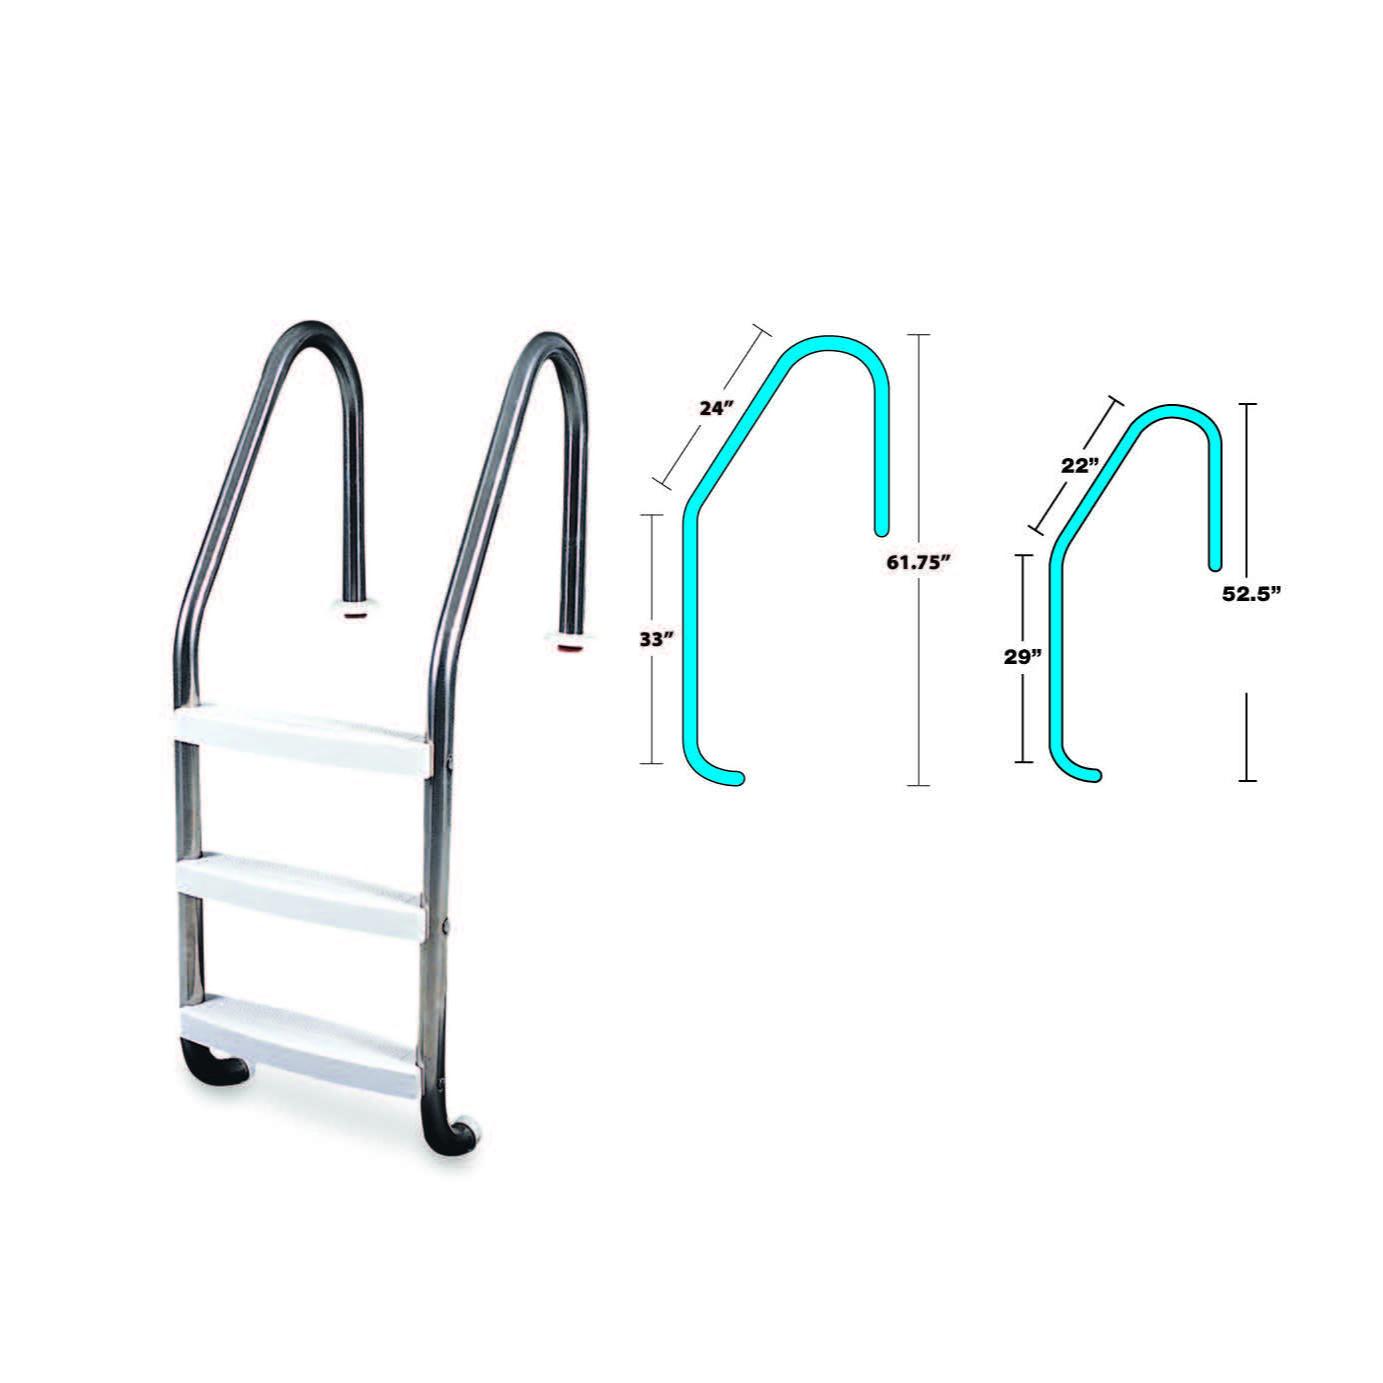 3 Step Inground Stainless Steel Ladder Servco